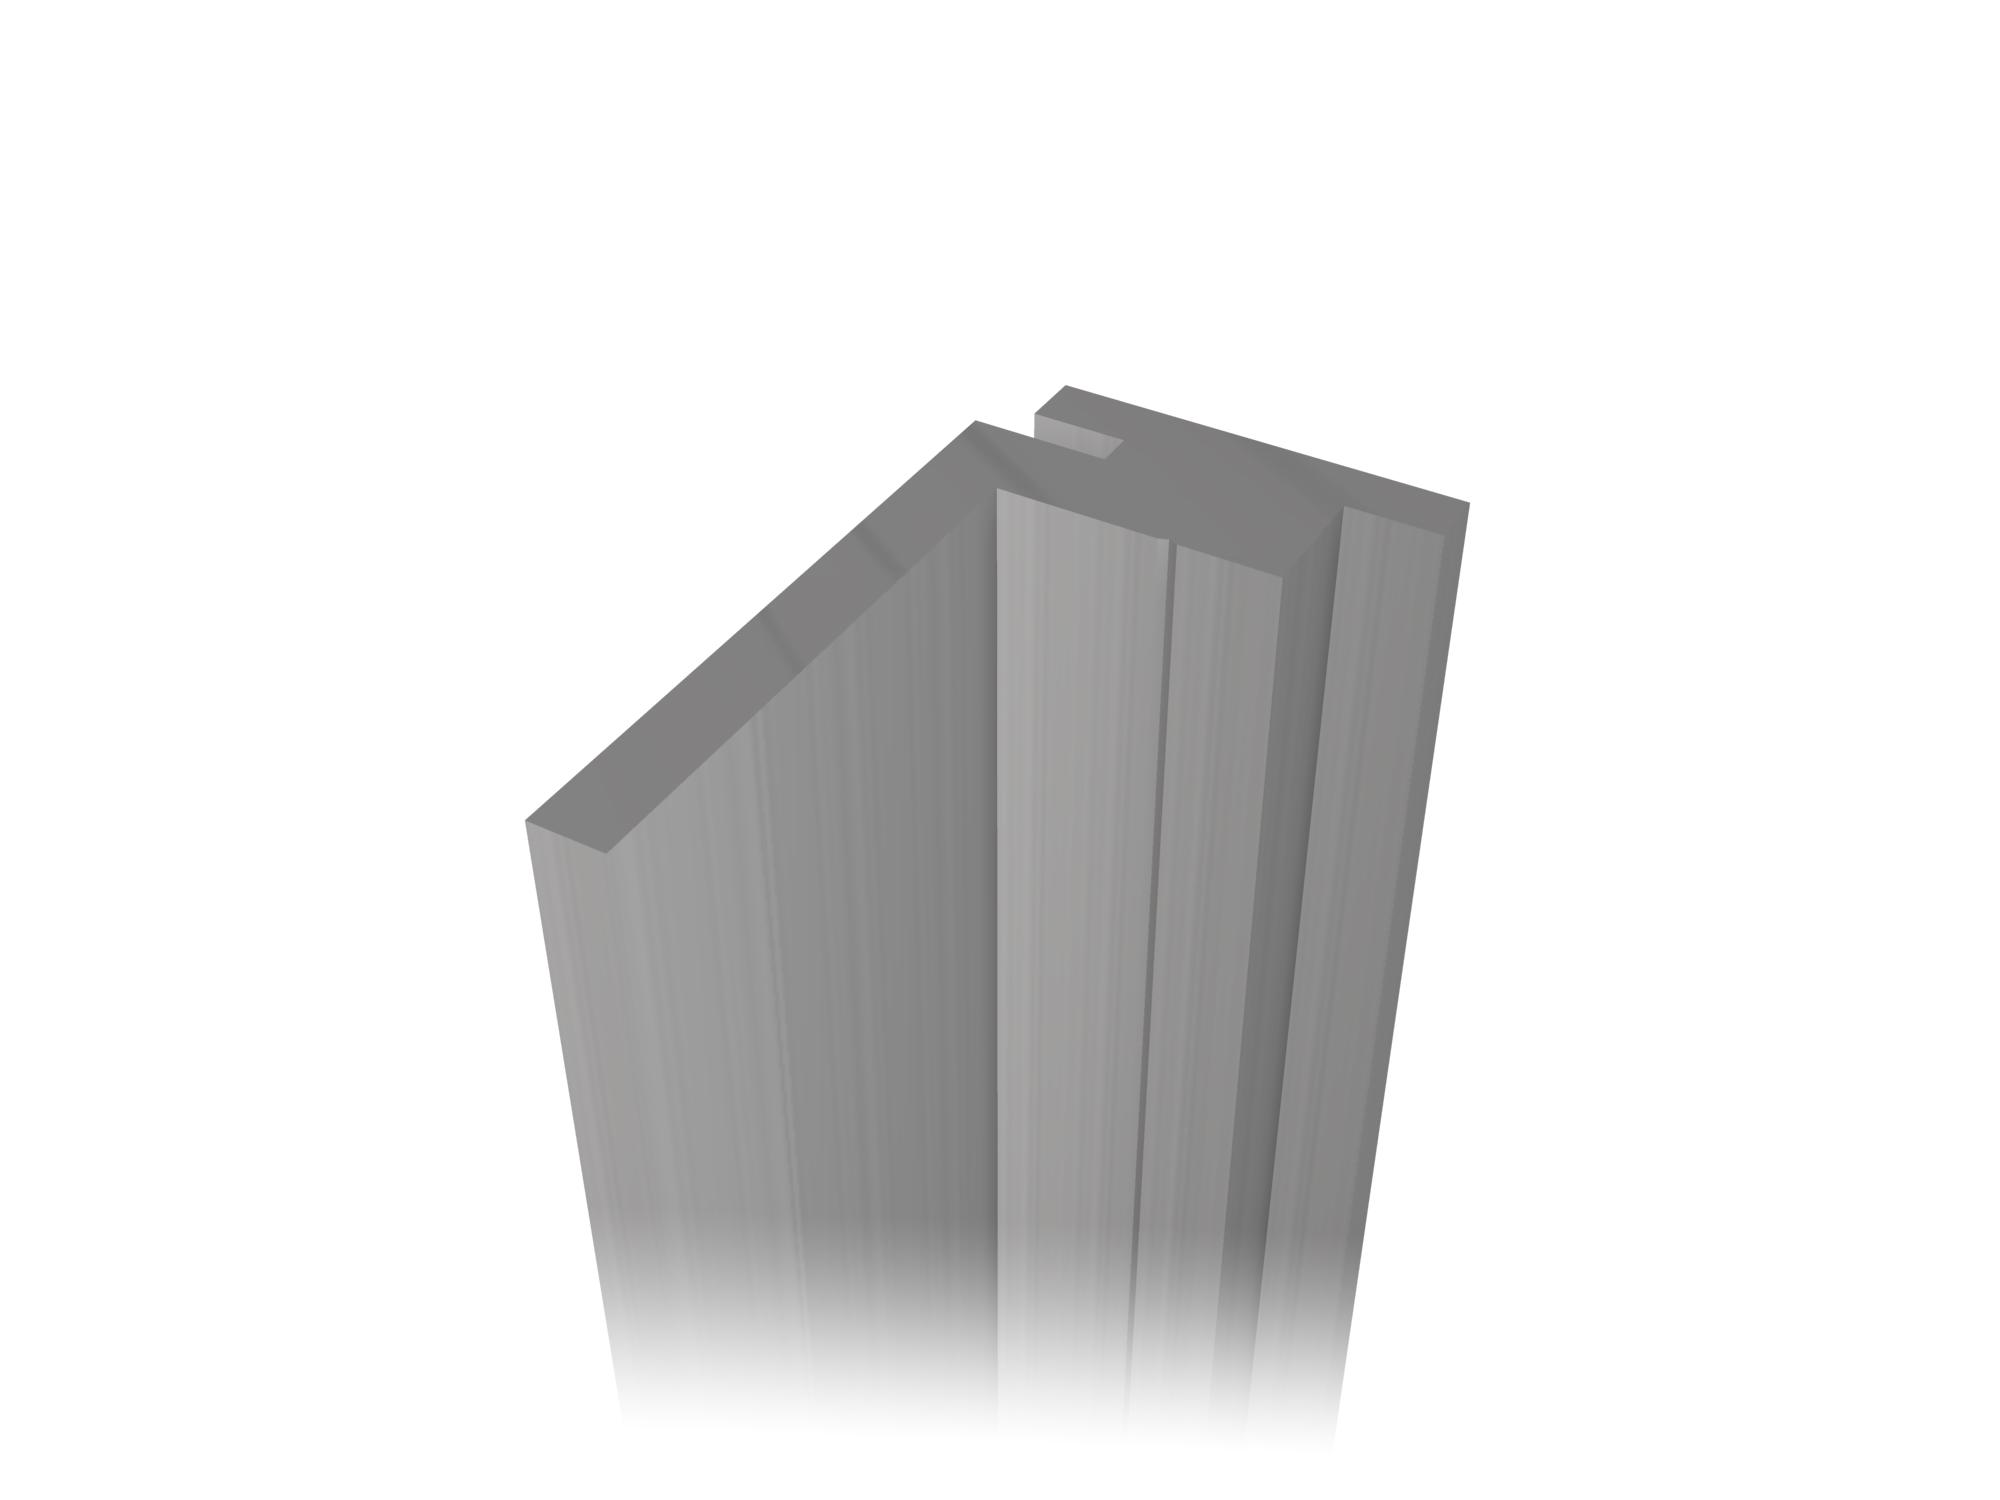 Aluminum profile A-20